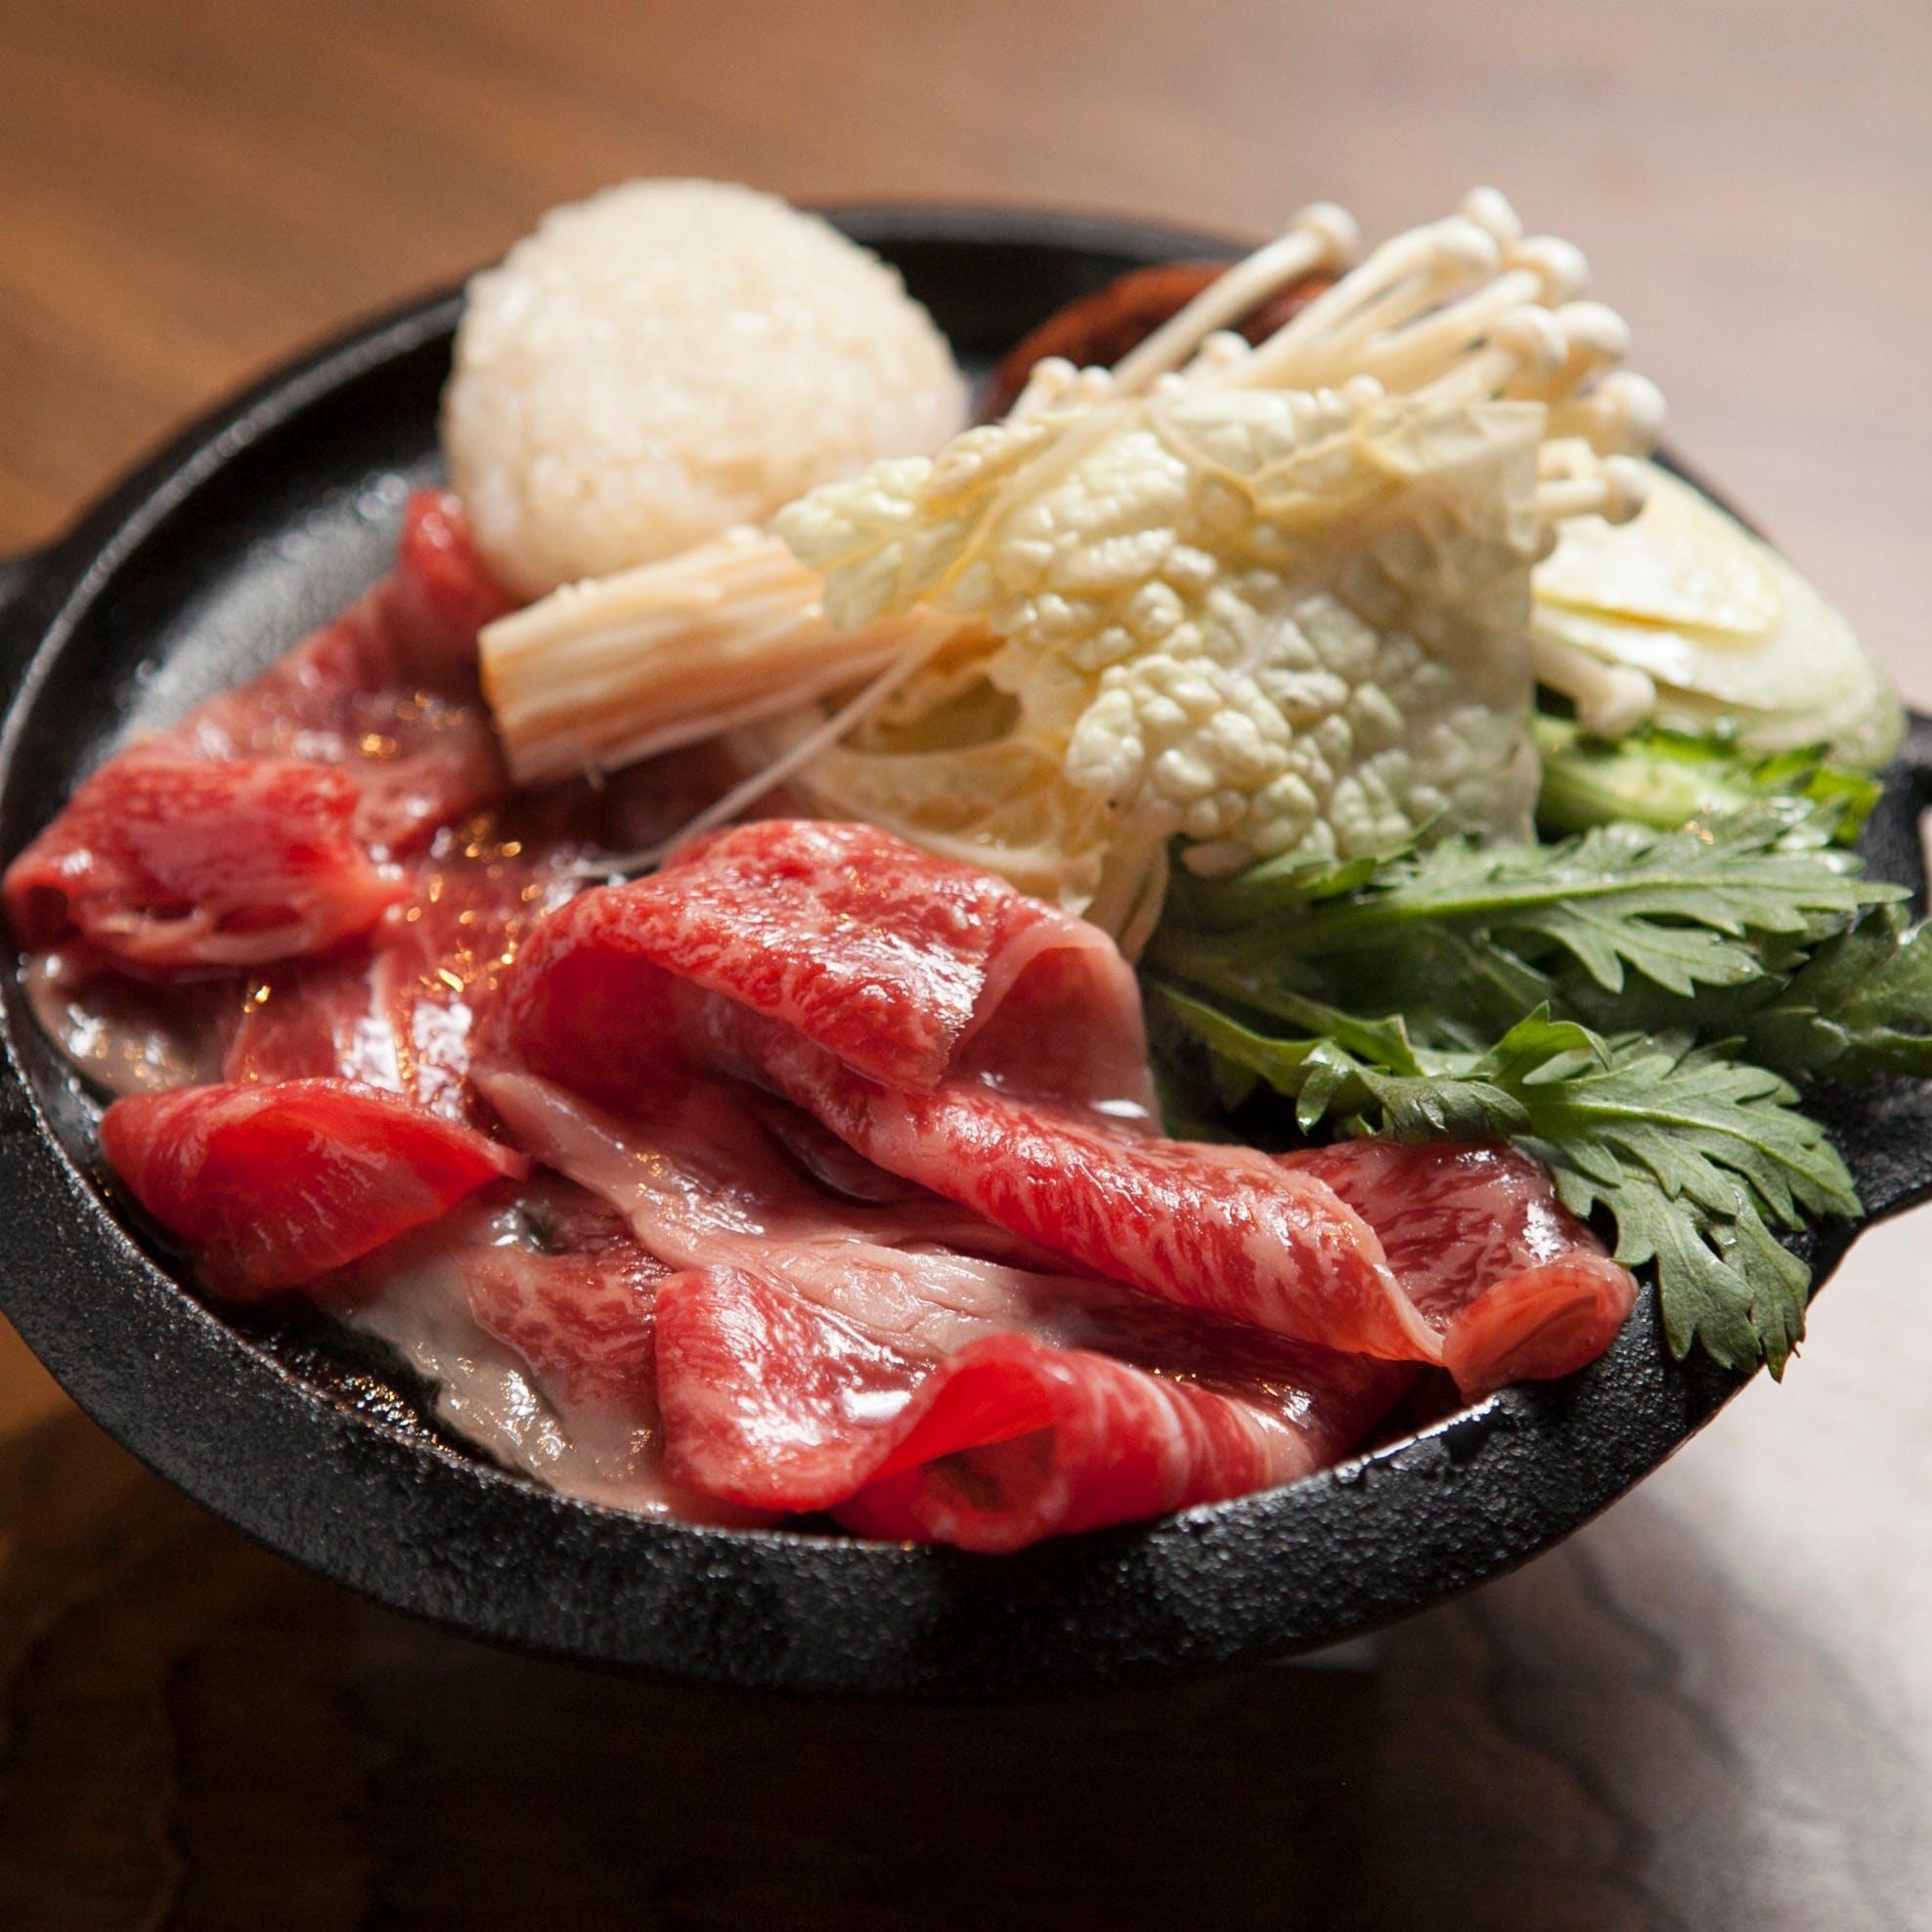 ダッチオーブンで食べる燻製すき焼き(夏季限定)